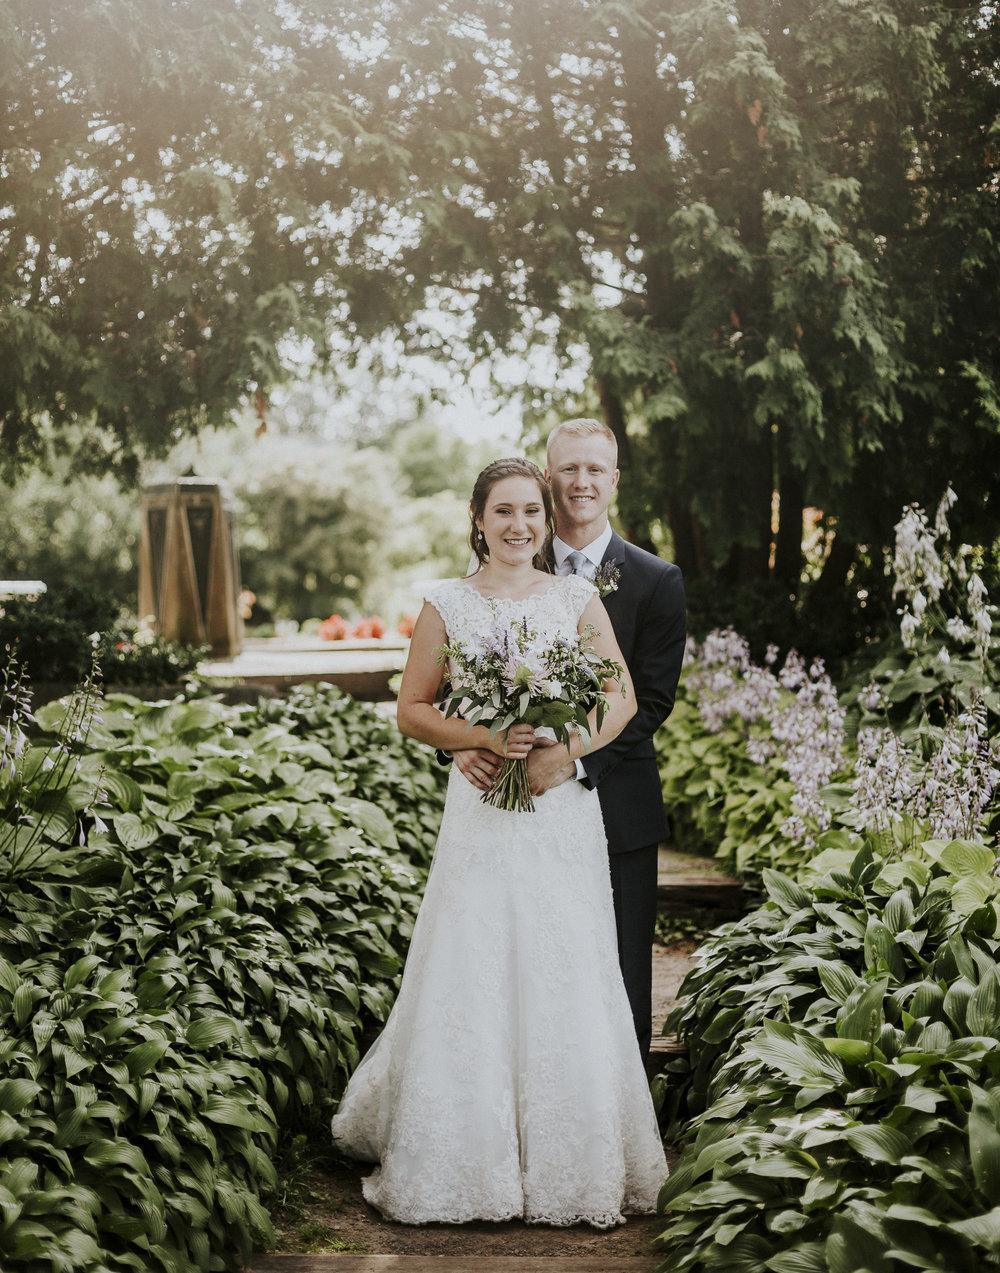 BRIDE+GROOM-PORTRAITS-014.jpg